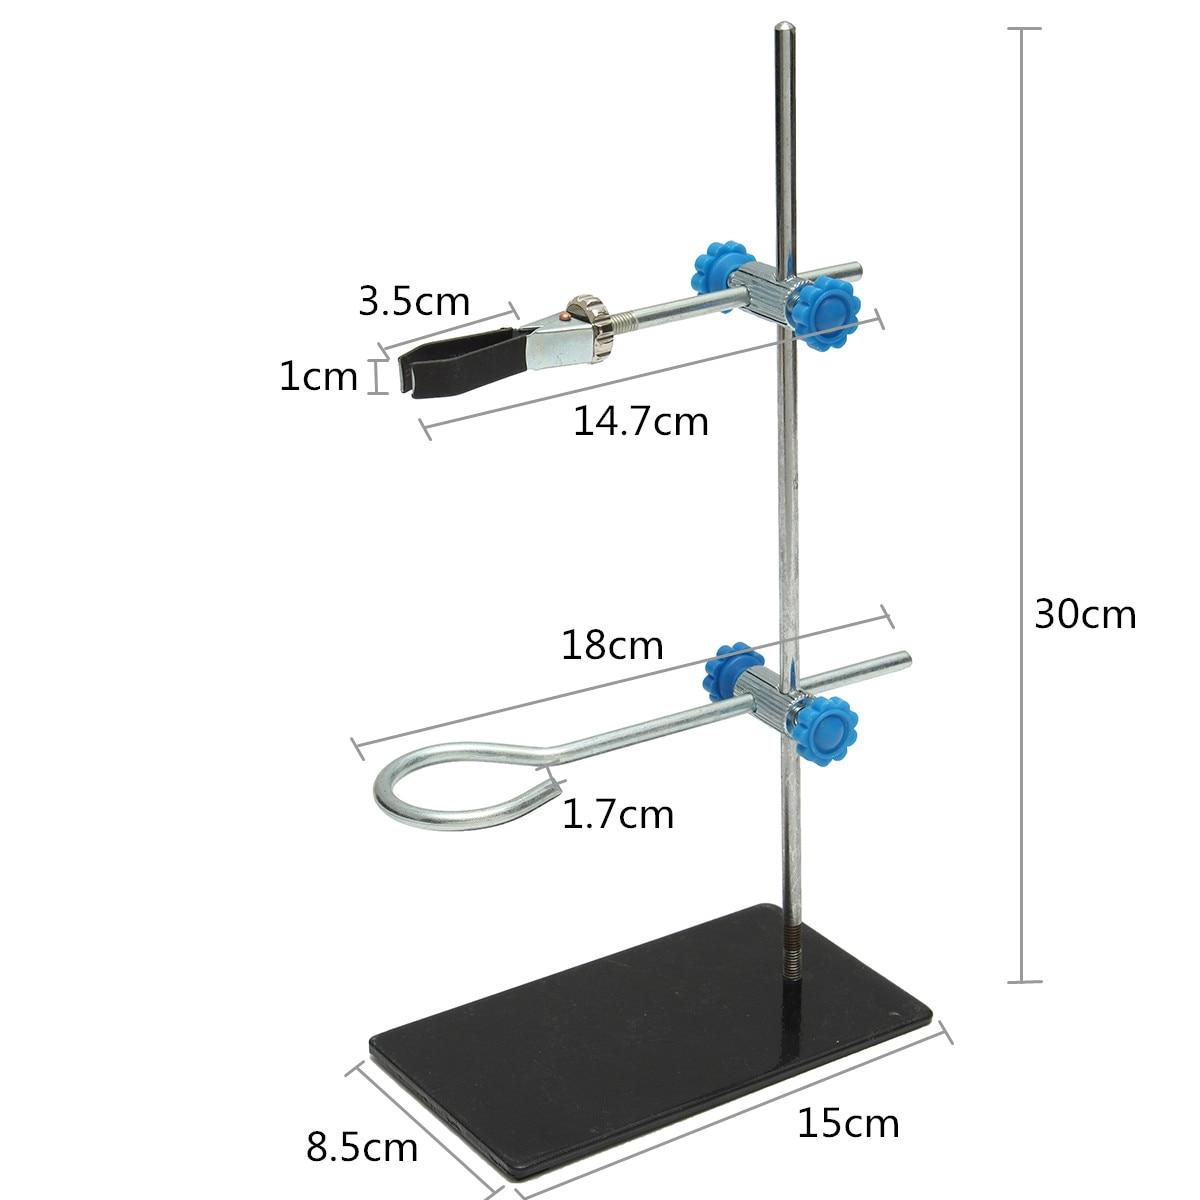 Kicute 1 pces 30cm alta retorta standiron suporte com grampo de anel de laboratório suporte equipamentos laboratório escola educação suprimentos